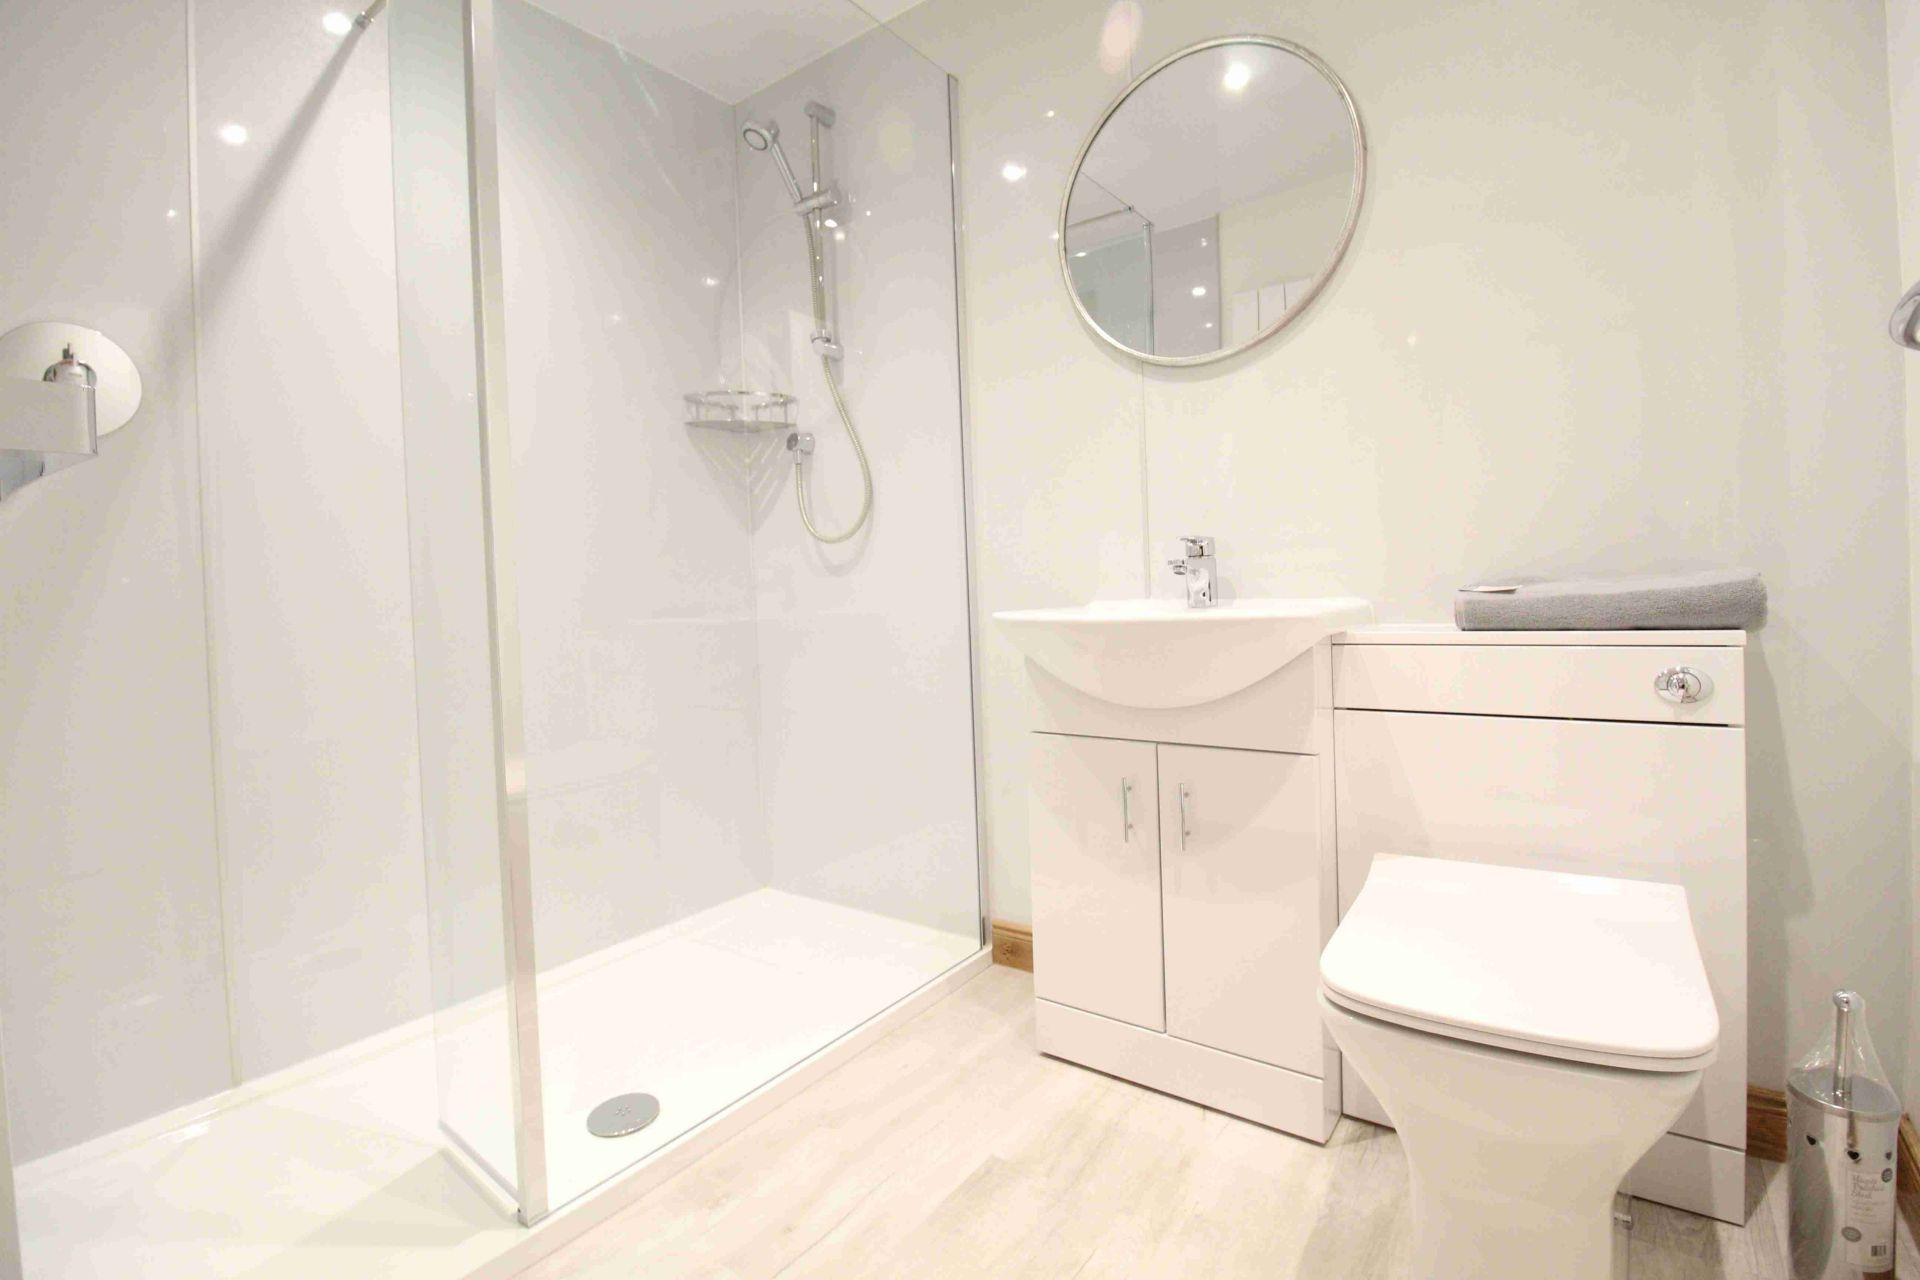 ARD-Properties-Development-Sites-Buy-Homes-Rent-Aberdeenshire-Rentals-Apartment-B-Loanhead-Terrace-Aberdeen-Banner (7)